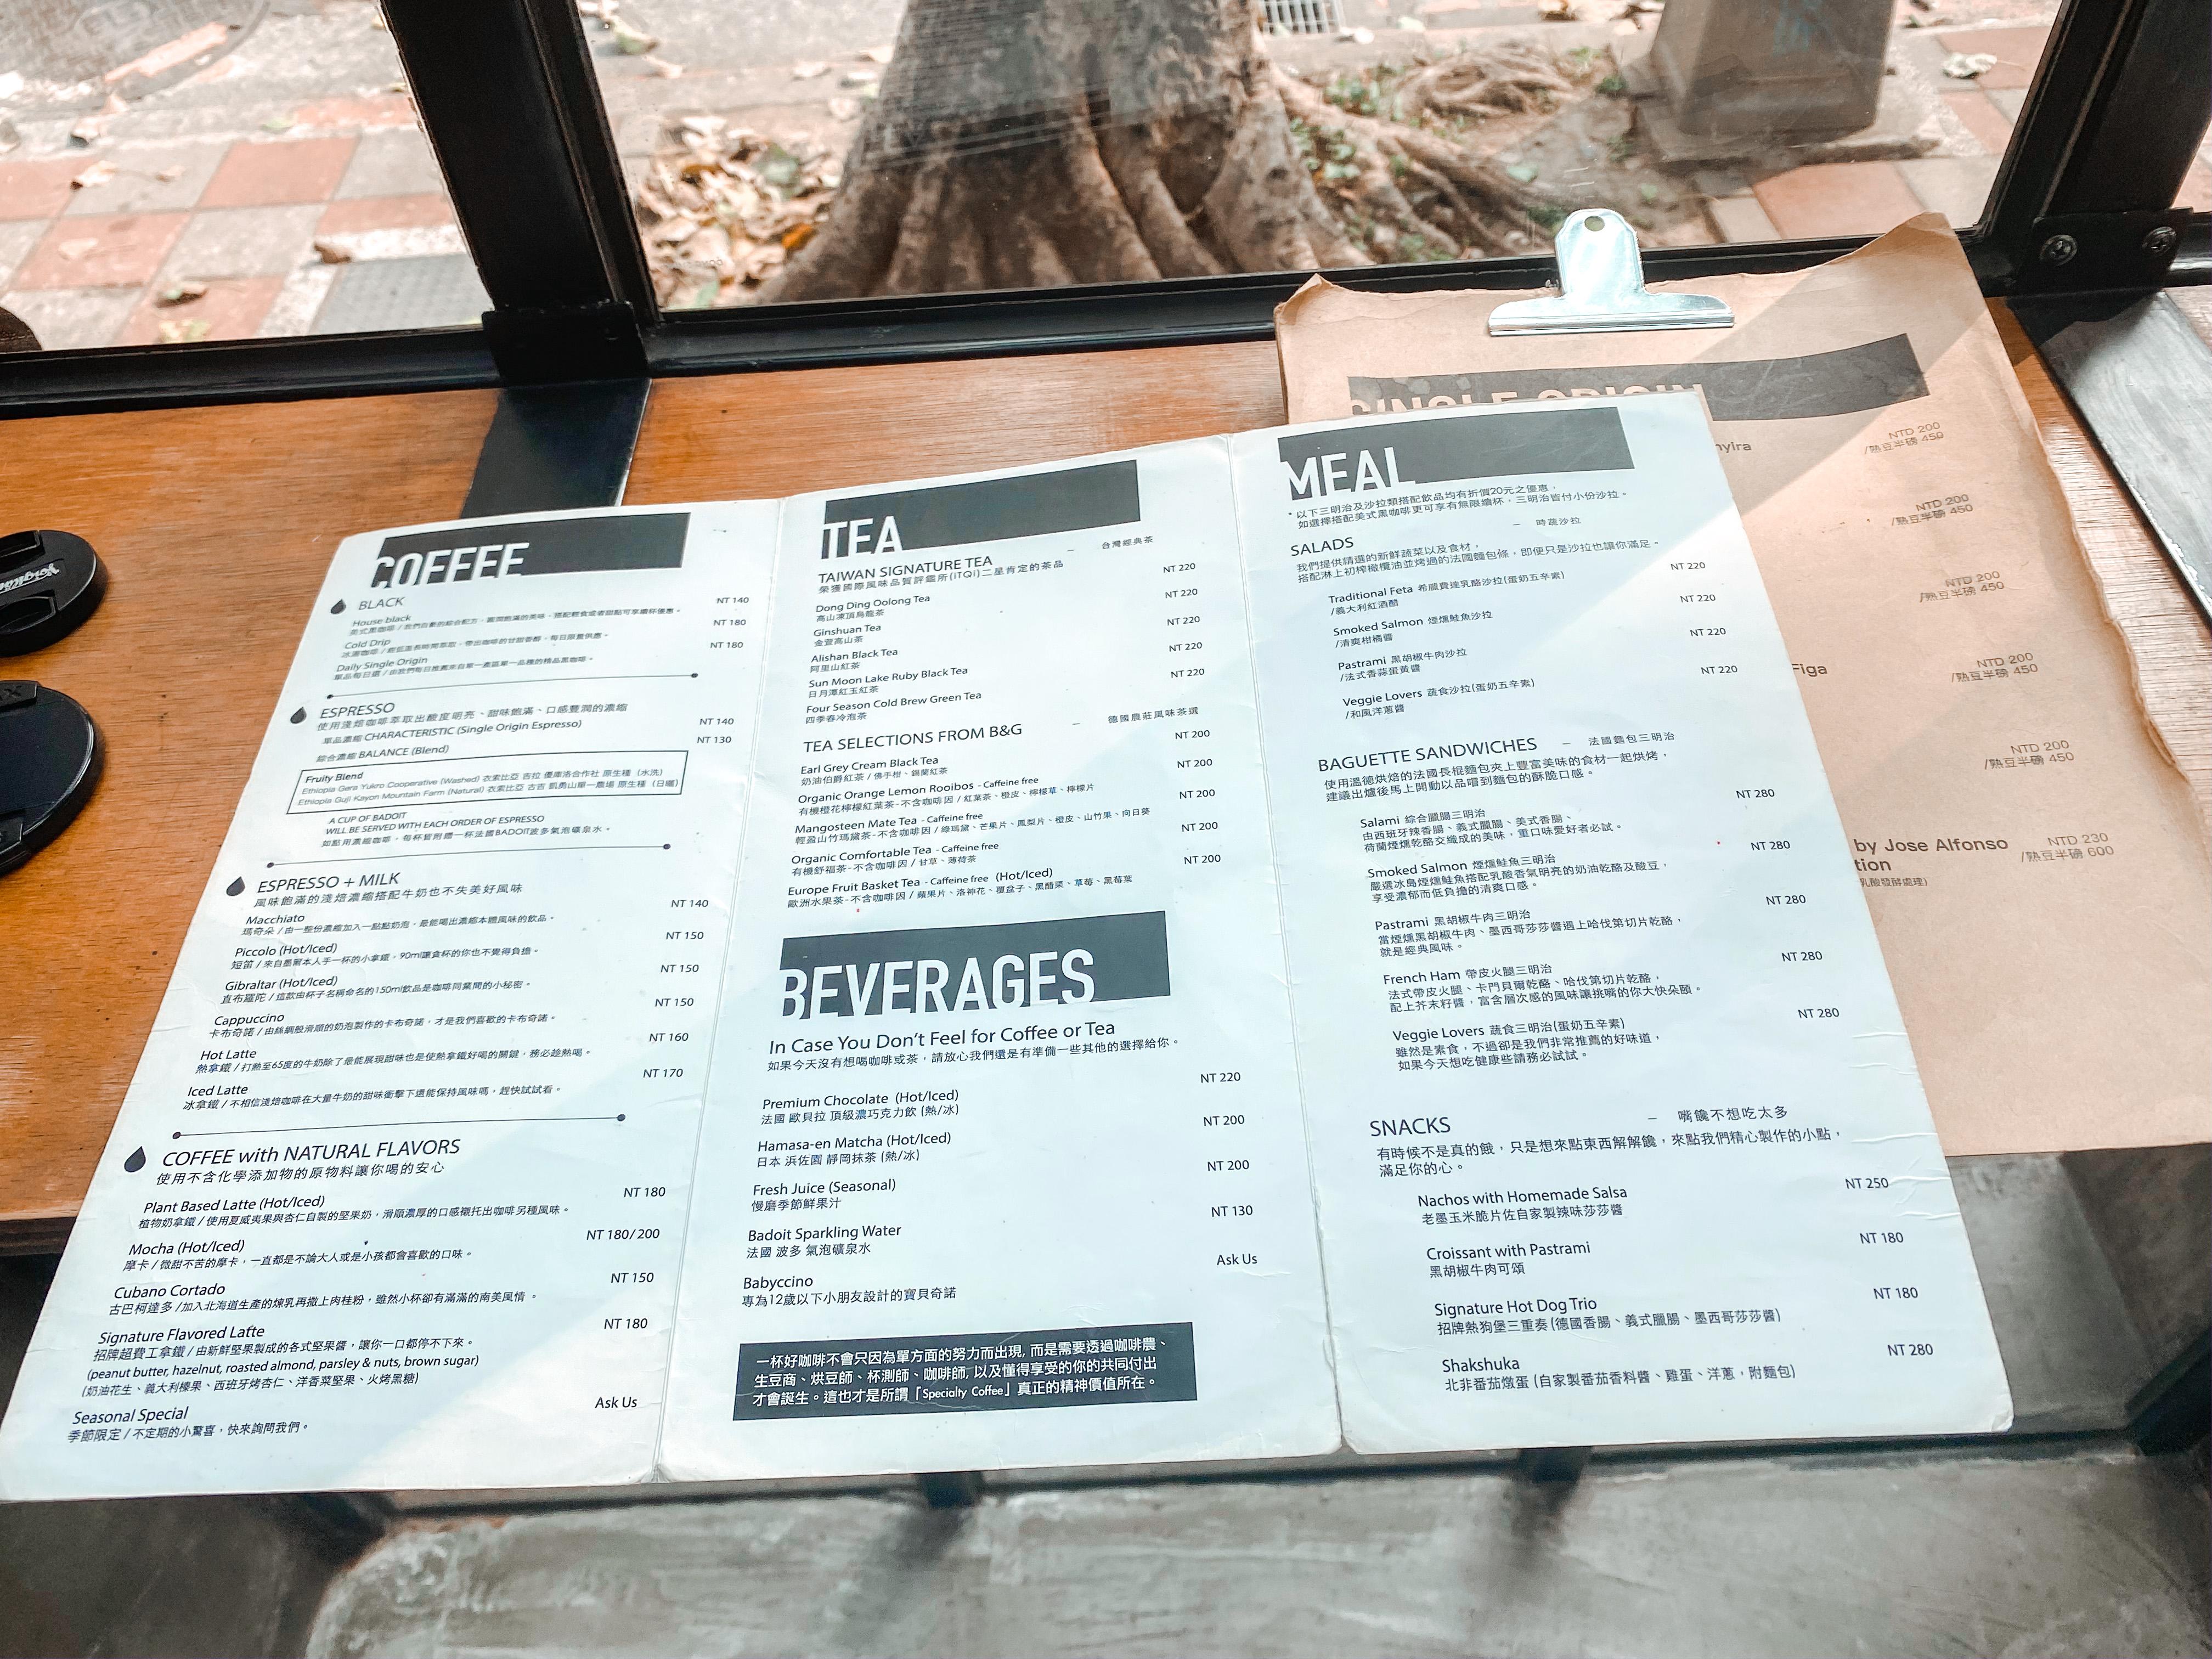 台北松山咖啡廳|民生社區ALL DAY Roasting Company|陽光灑落的老宅咖啡廳 菜單